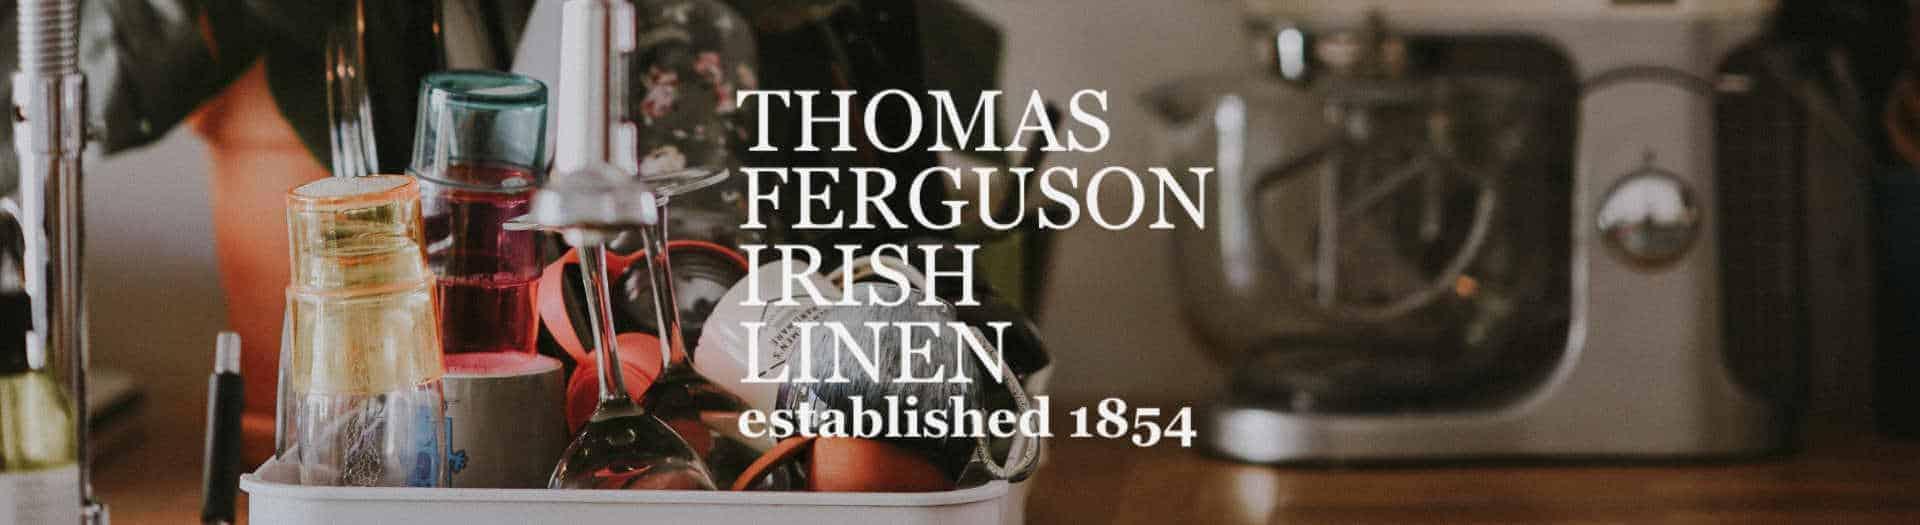 1920x525 Thomas ferguson Logo header